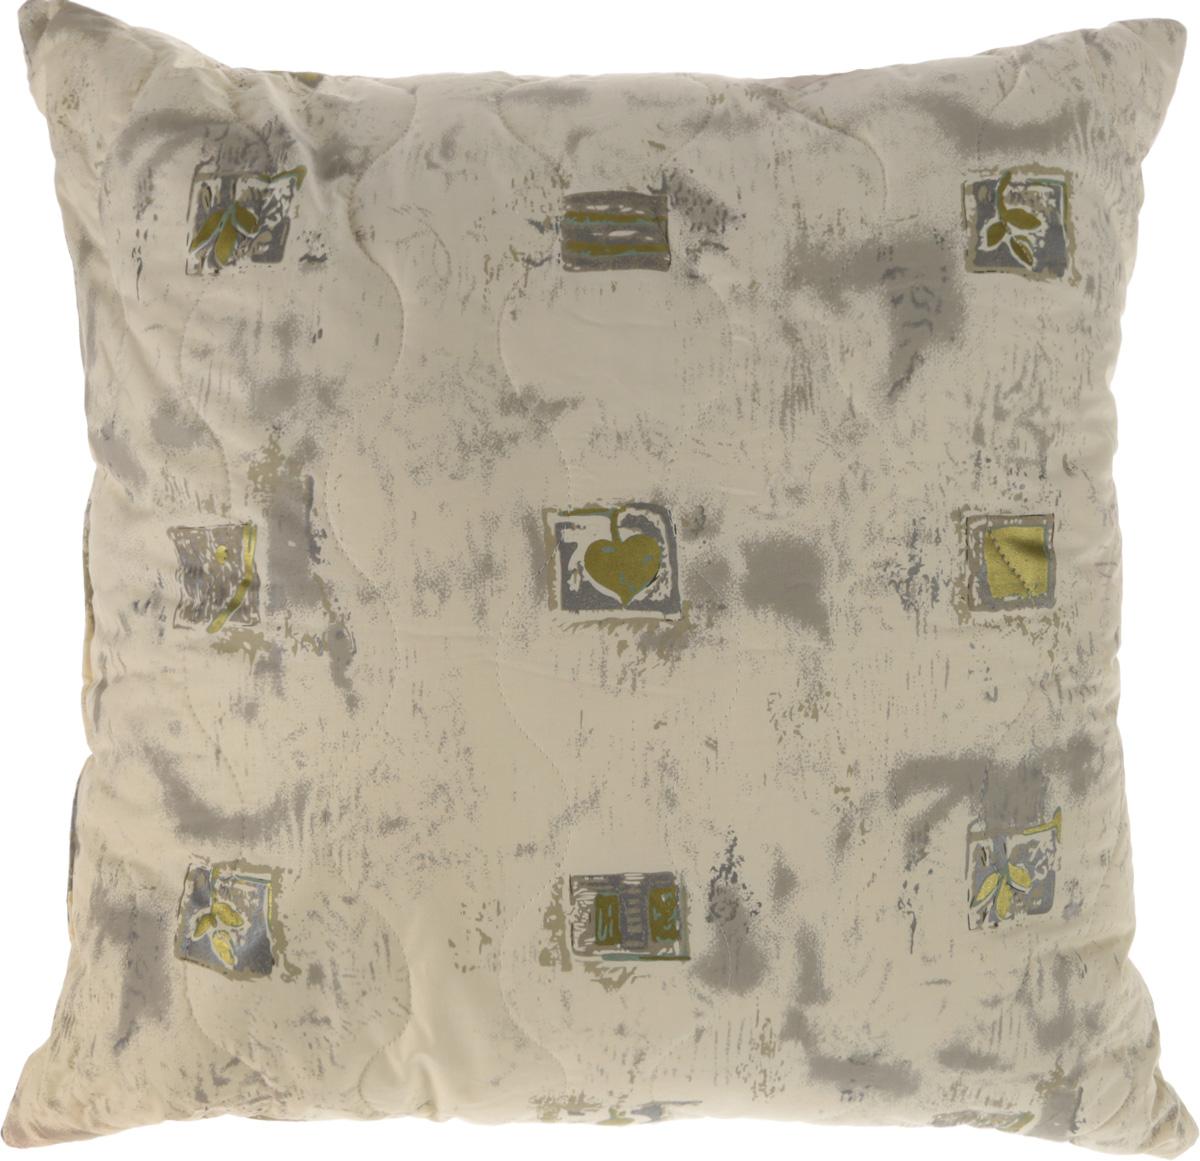 Подушка Ecotex Золотое руно, наполнитель: шерсть мериноса, лебяжий пух, 68 х 68 смU210DFПодушка Ecotex Золотое руно обеспечит здоровый сон и невероятный комфорт. Чехол подушки выполнен из натуральной тиковой ткани (100% хлопок). Внутри подушки микроволокно DownFill (100% полиэстер) - заменитель лебяжьего пуха. В качестве наполнителя чехла используется натуральная шерсть австралийских тонкорунных овец породы меринос. Шерсть австралийского мериноса - уникальный природный материал с высоким содержанием ланолина, благоприятно воздействующего на кожу. Изделие дарит оптимальный микроклимат во время сна: дарит сухое тепло, впитывая влагу и позволяя коже дышать. Уникальные лечебные свойства материала уменьшают стресс, стимулируют кровообращение, нормализуют давление. Подушка комфортна и практична, она невероятно мягкая и эластичная, а также антистатичная. Экологически чистый природный материал, высокие антибактериальные свойства и гипоаллергенность делают подушку идеальным вариантом для людей с чувствительной кожей. Наполнитель чехла: шерсть мериноса. Наполнитель подушки: микроволокно DownFill (Лебяжий пух, 100% полиэстер).